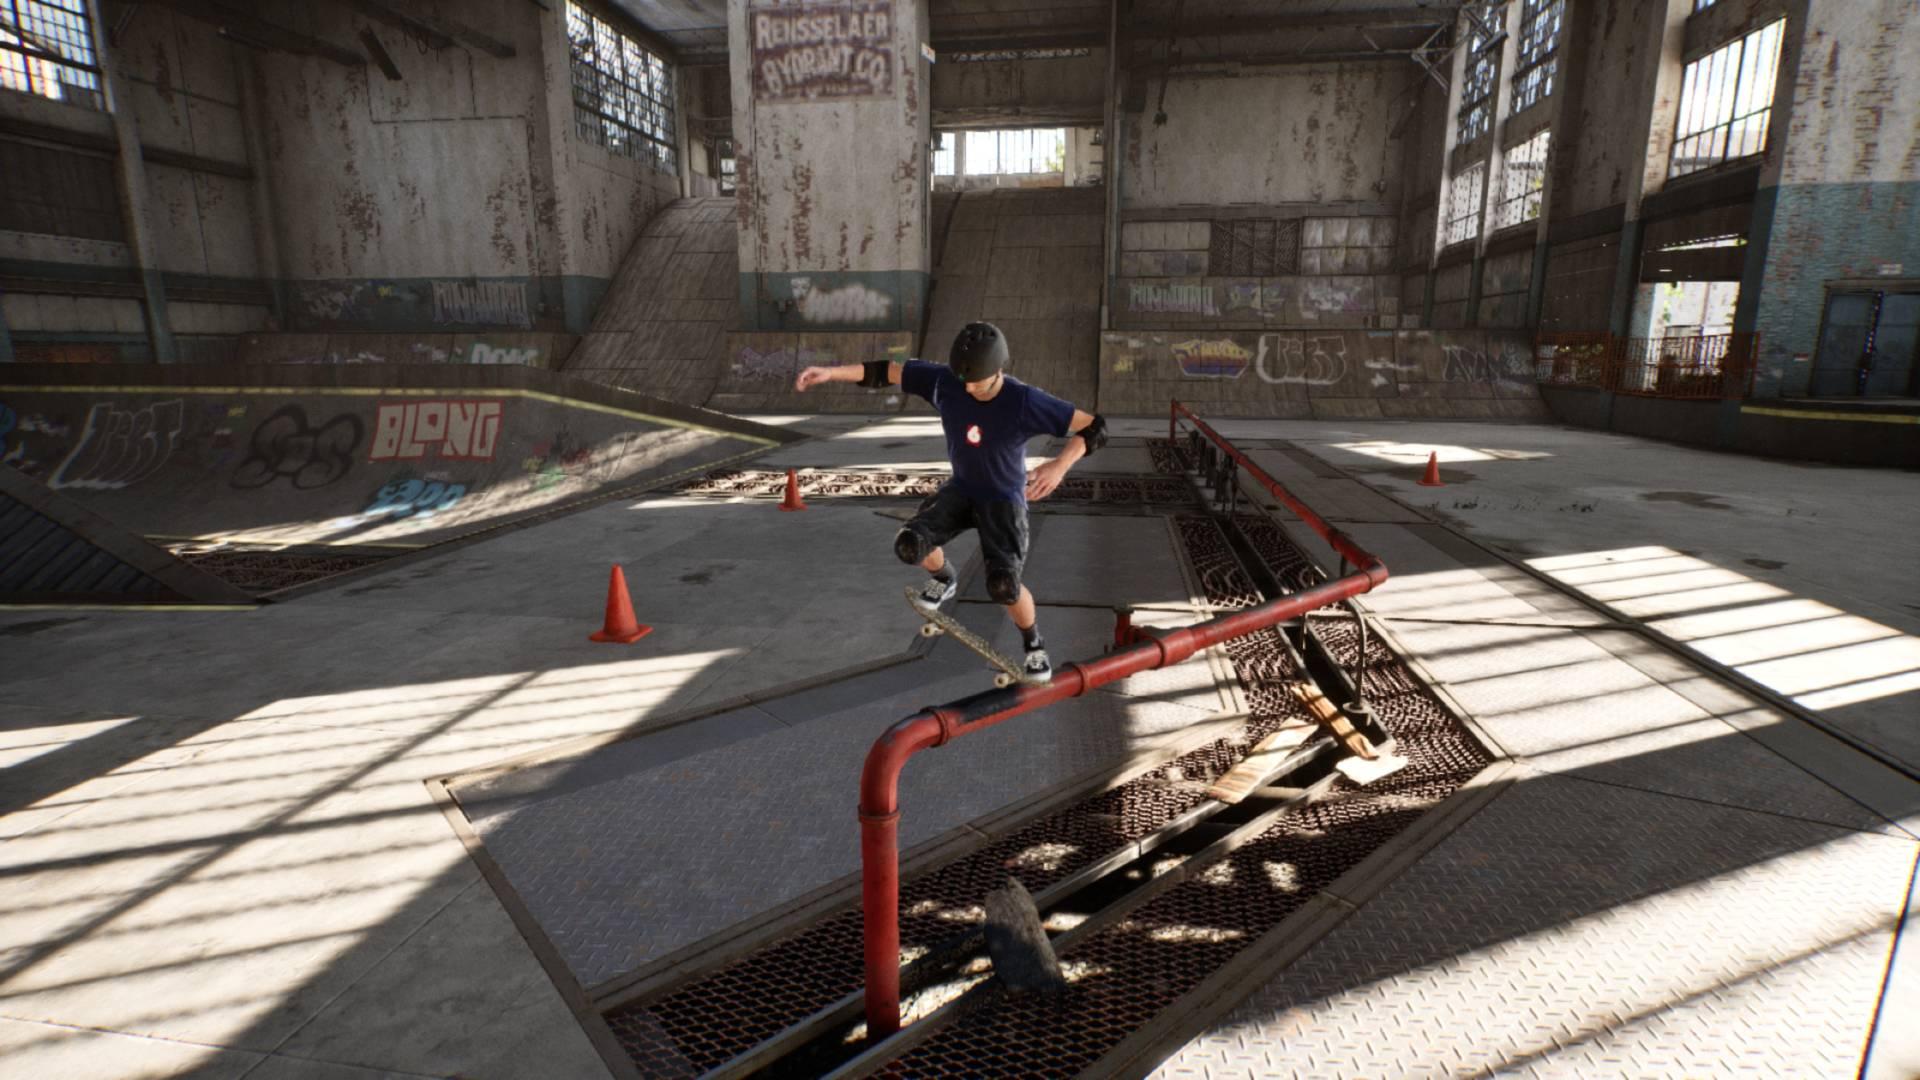 Tony Hawk's Pro Skater 1+2: annunciata la remastered e la Collector's Edition 1